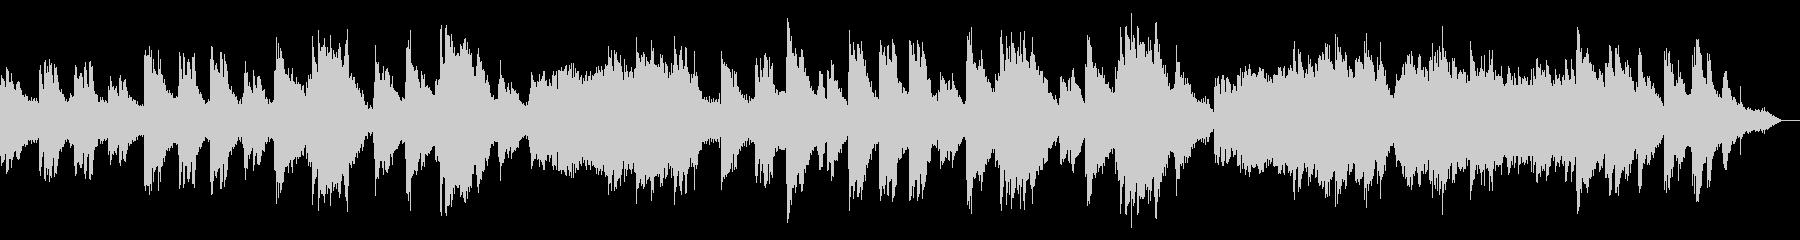 雪国の故郷を表現したシンセボイスピアノ曲の未再生の波形